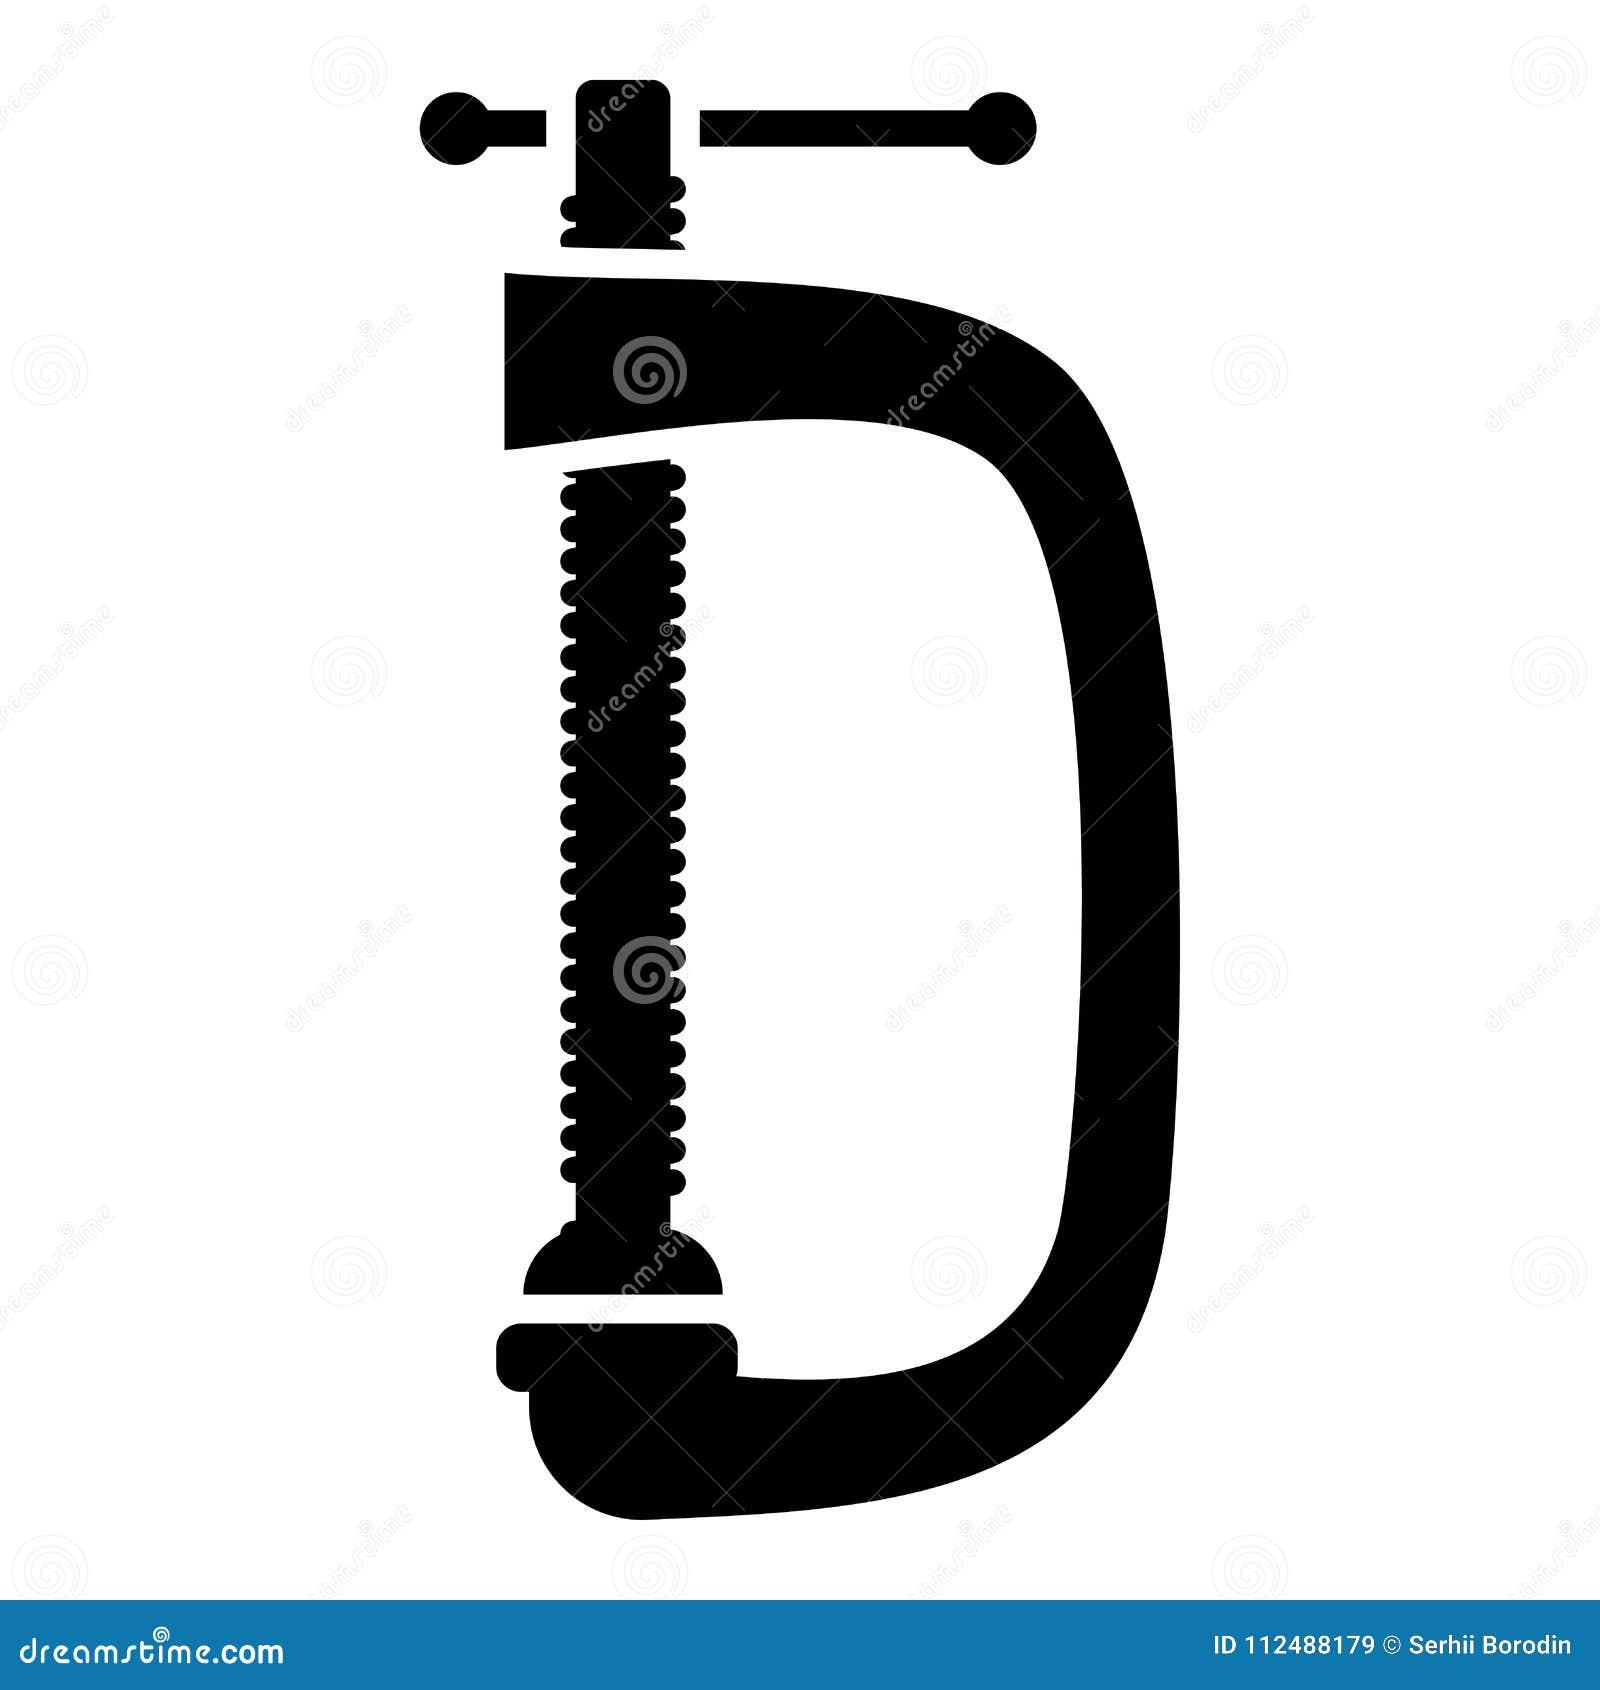 Het gewrongen van de schroef-klem van de de illustratie vlakke stijl pictogram zwarte kleur eenvoudige beeld